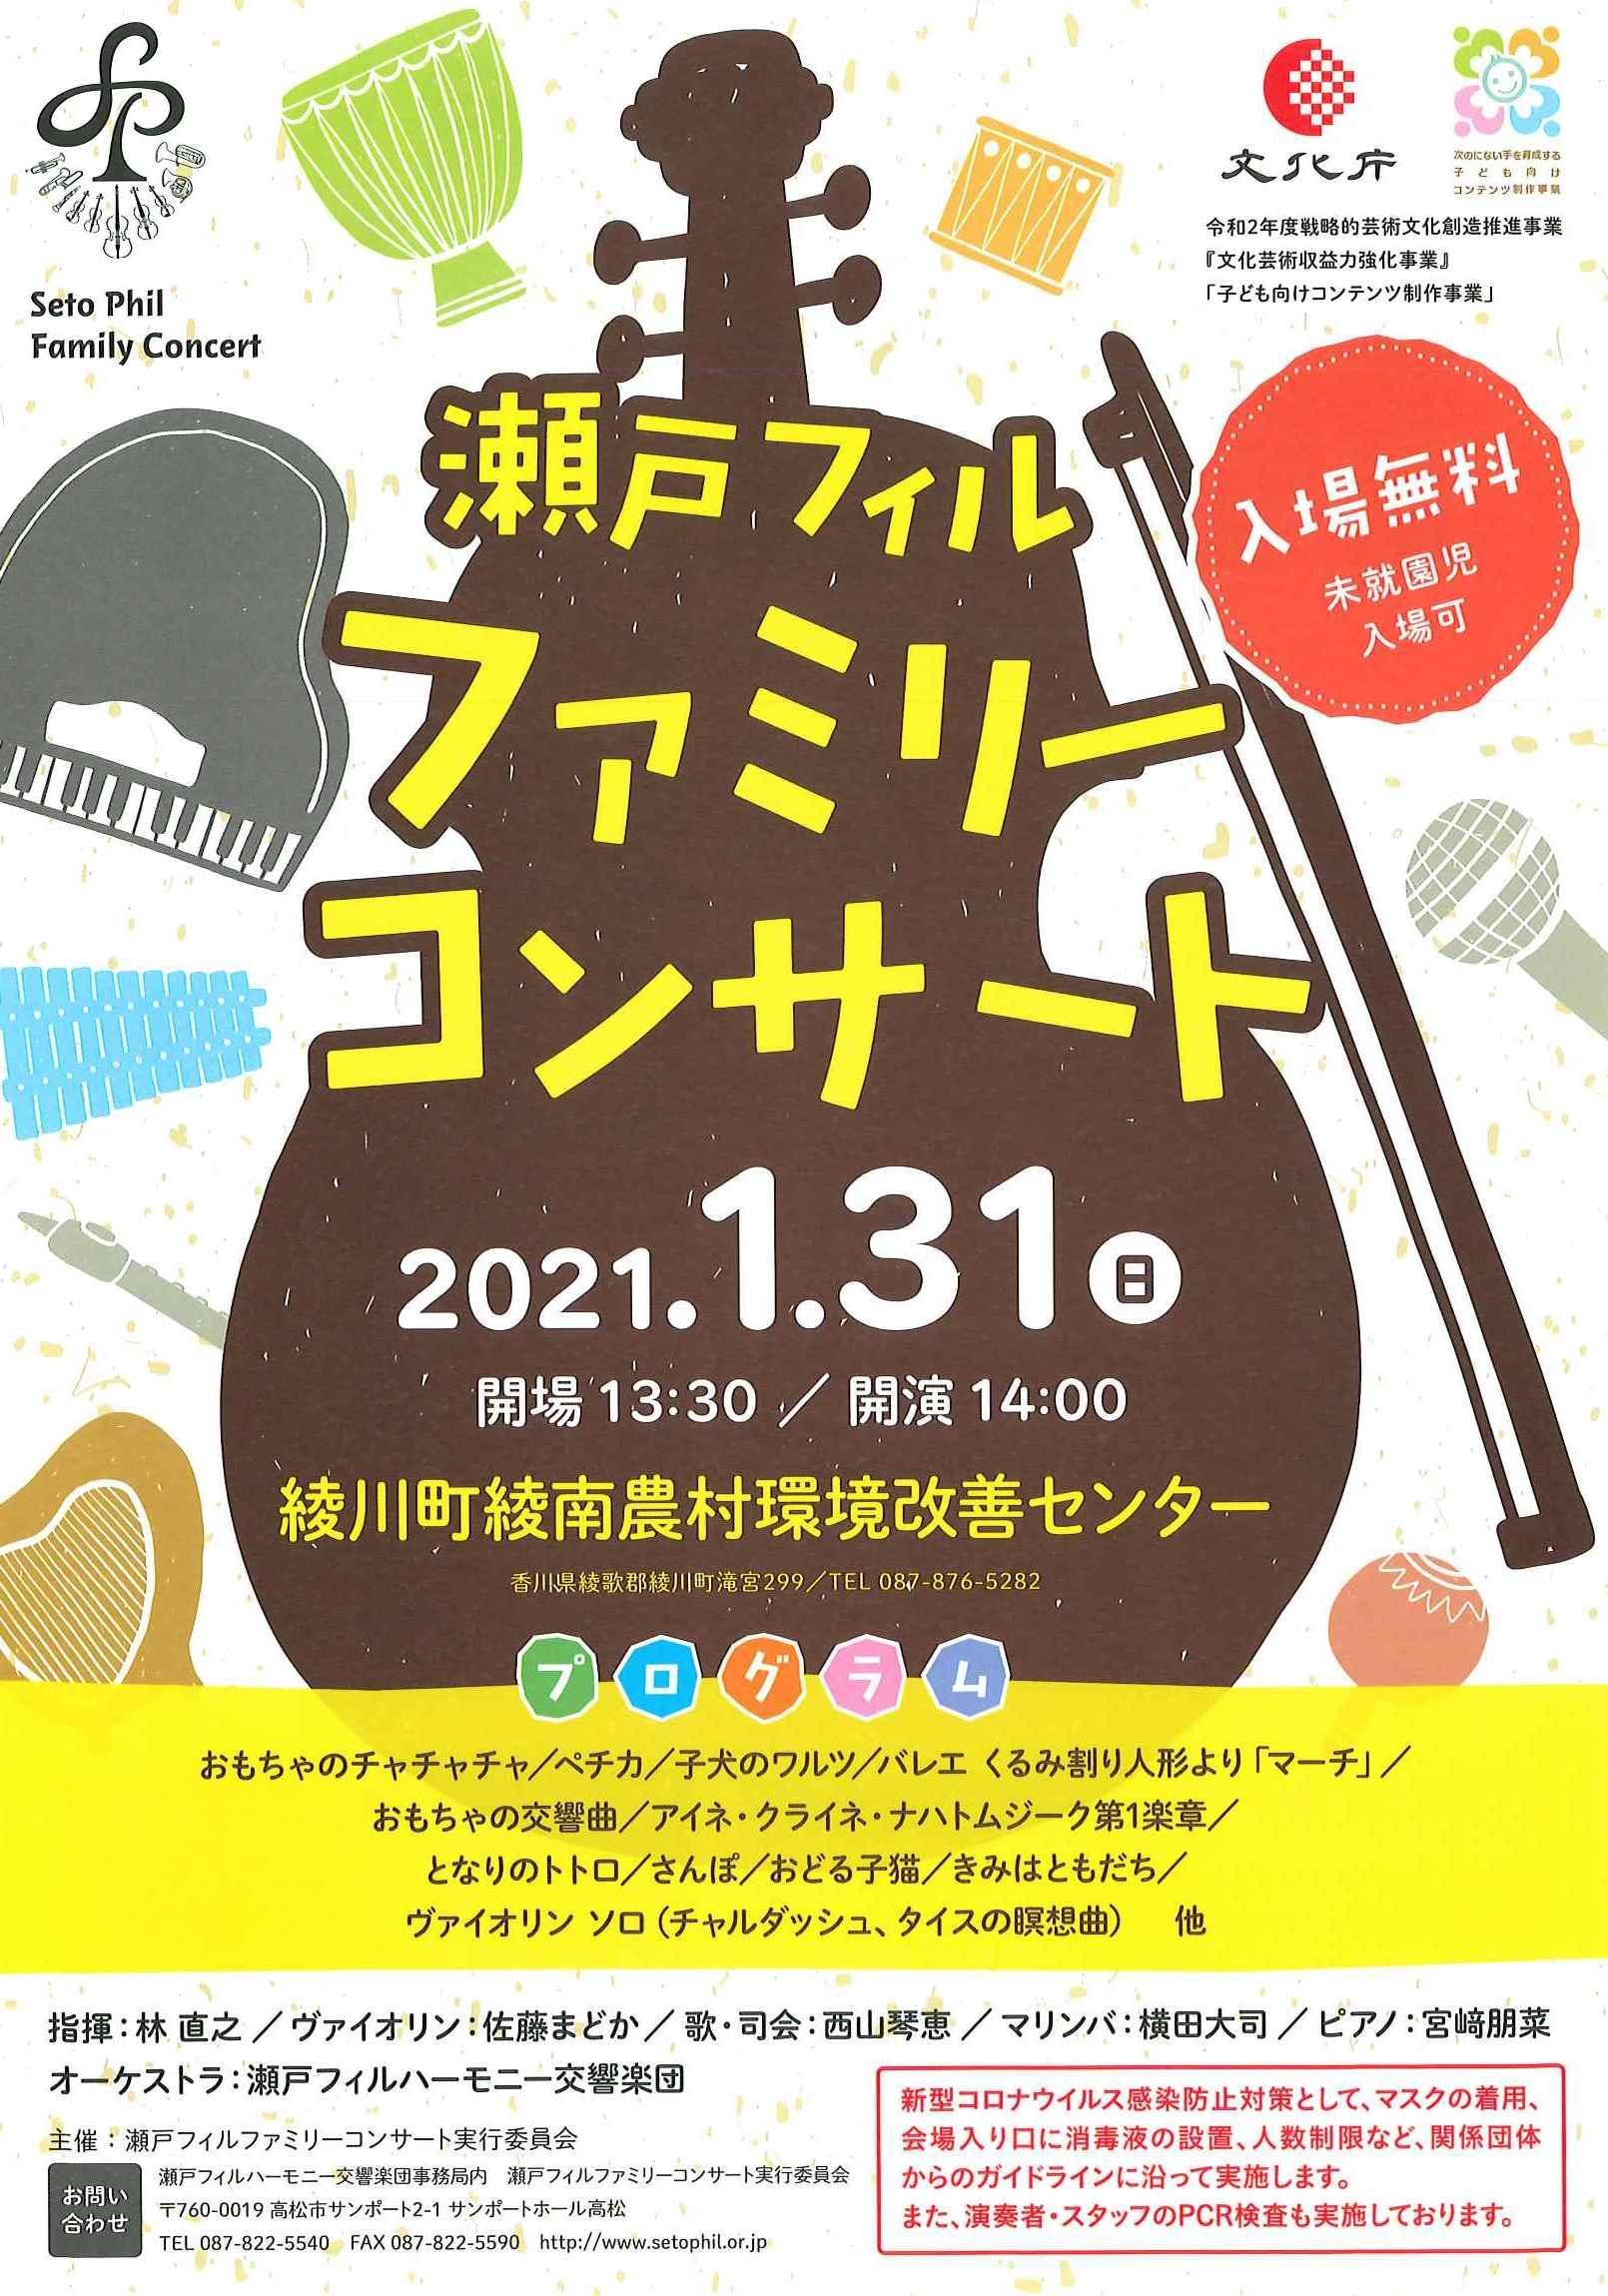 瀬戸フィルファミリーコンサート